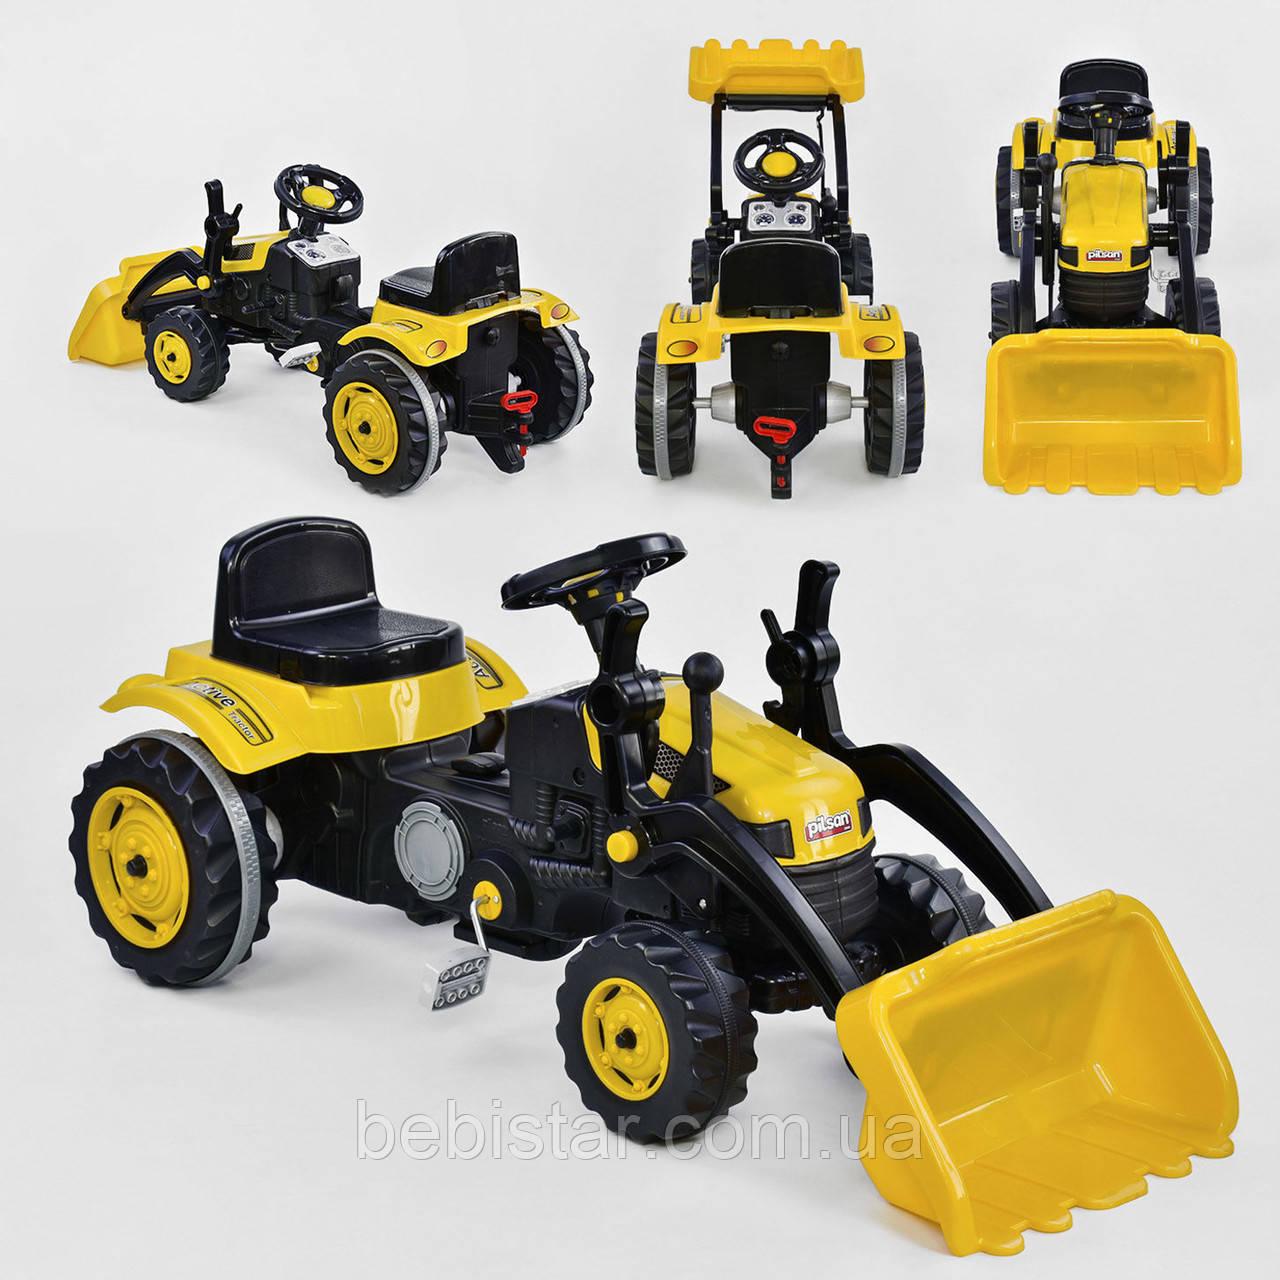 Веломобиль трактор педальный желтый с ковшом пластиковые колеса цепной привод с звуковым сигналом от 3-х лет